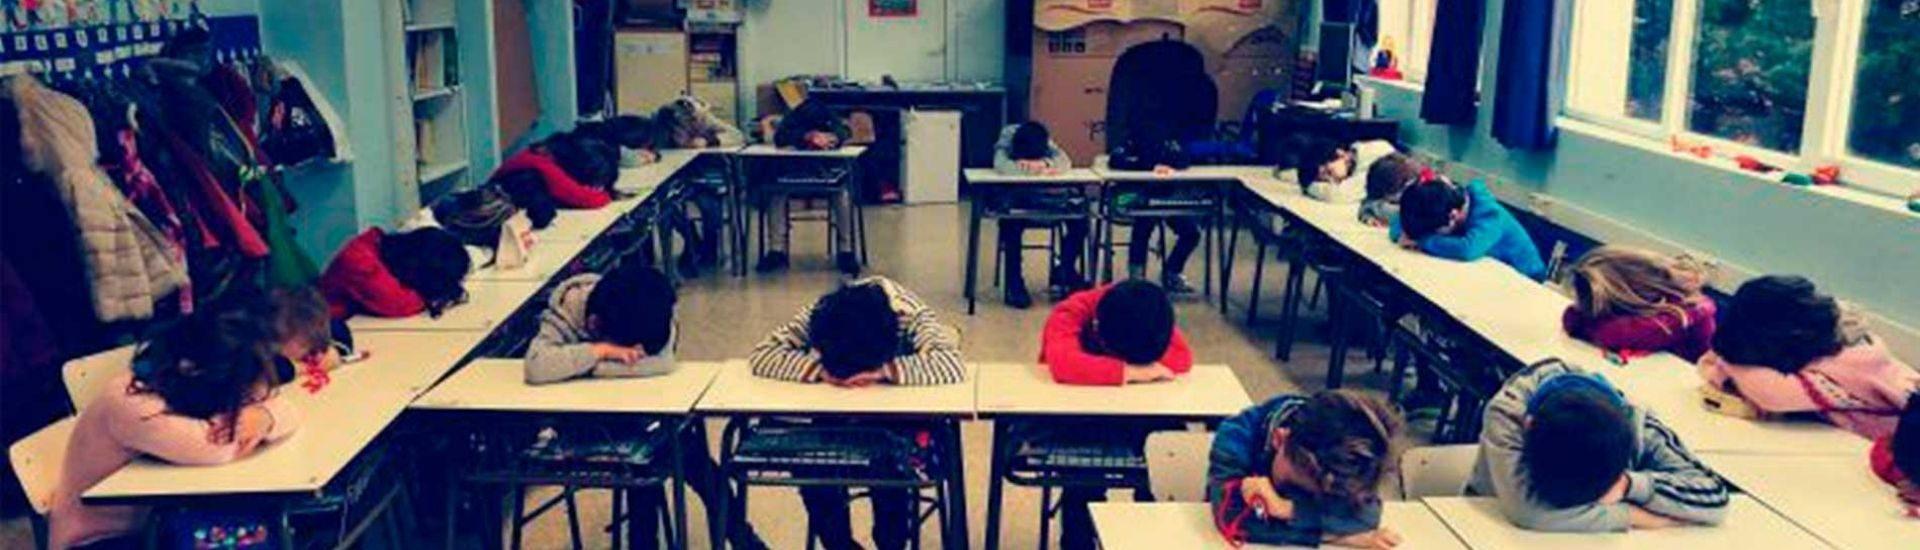 Foto de estudiantes apoyando su cabeza en las mesas de la sala de clases